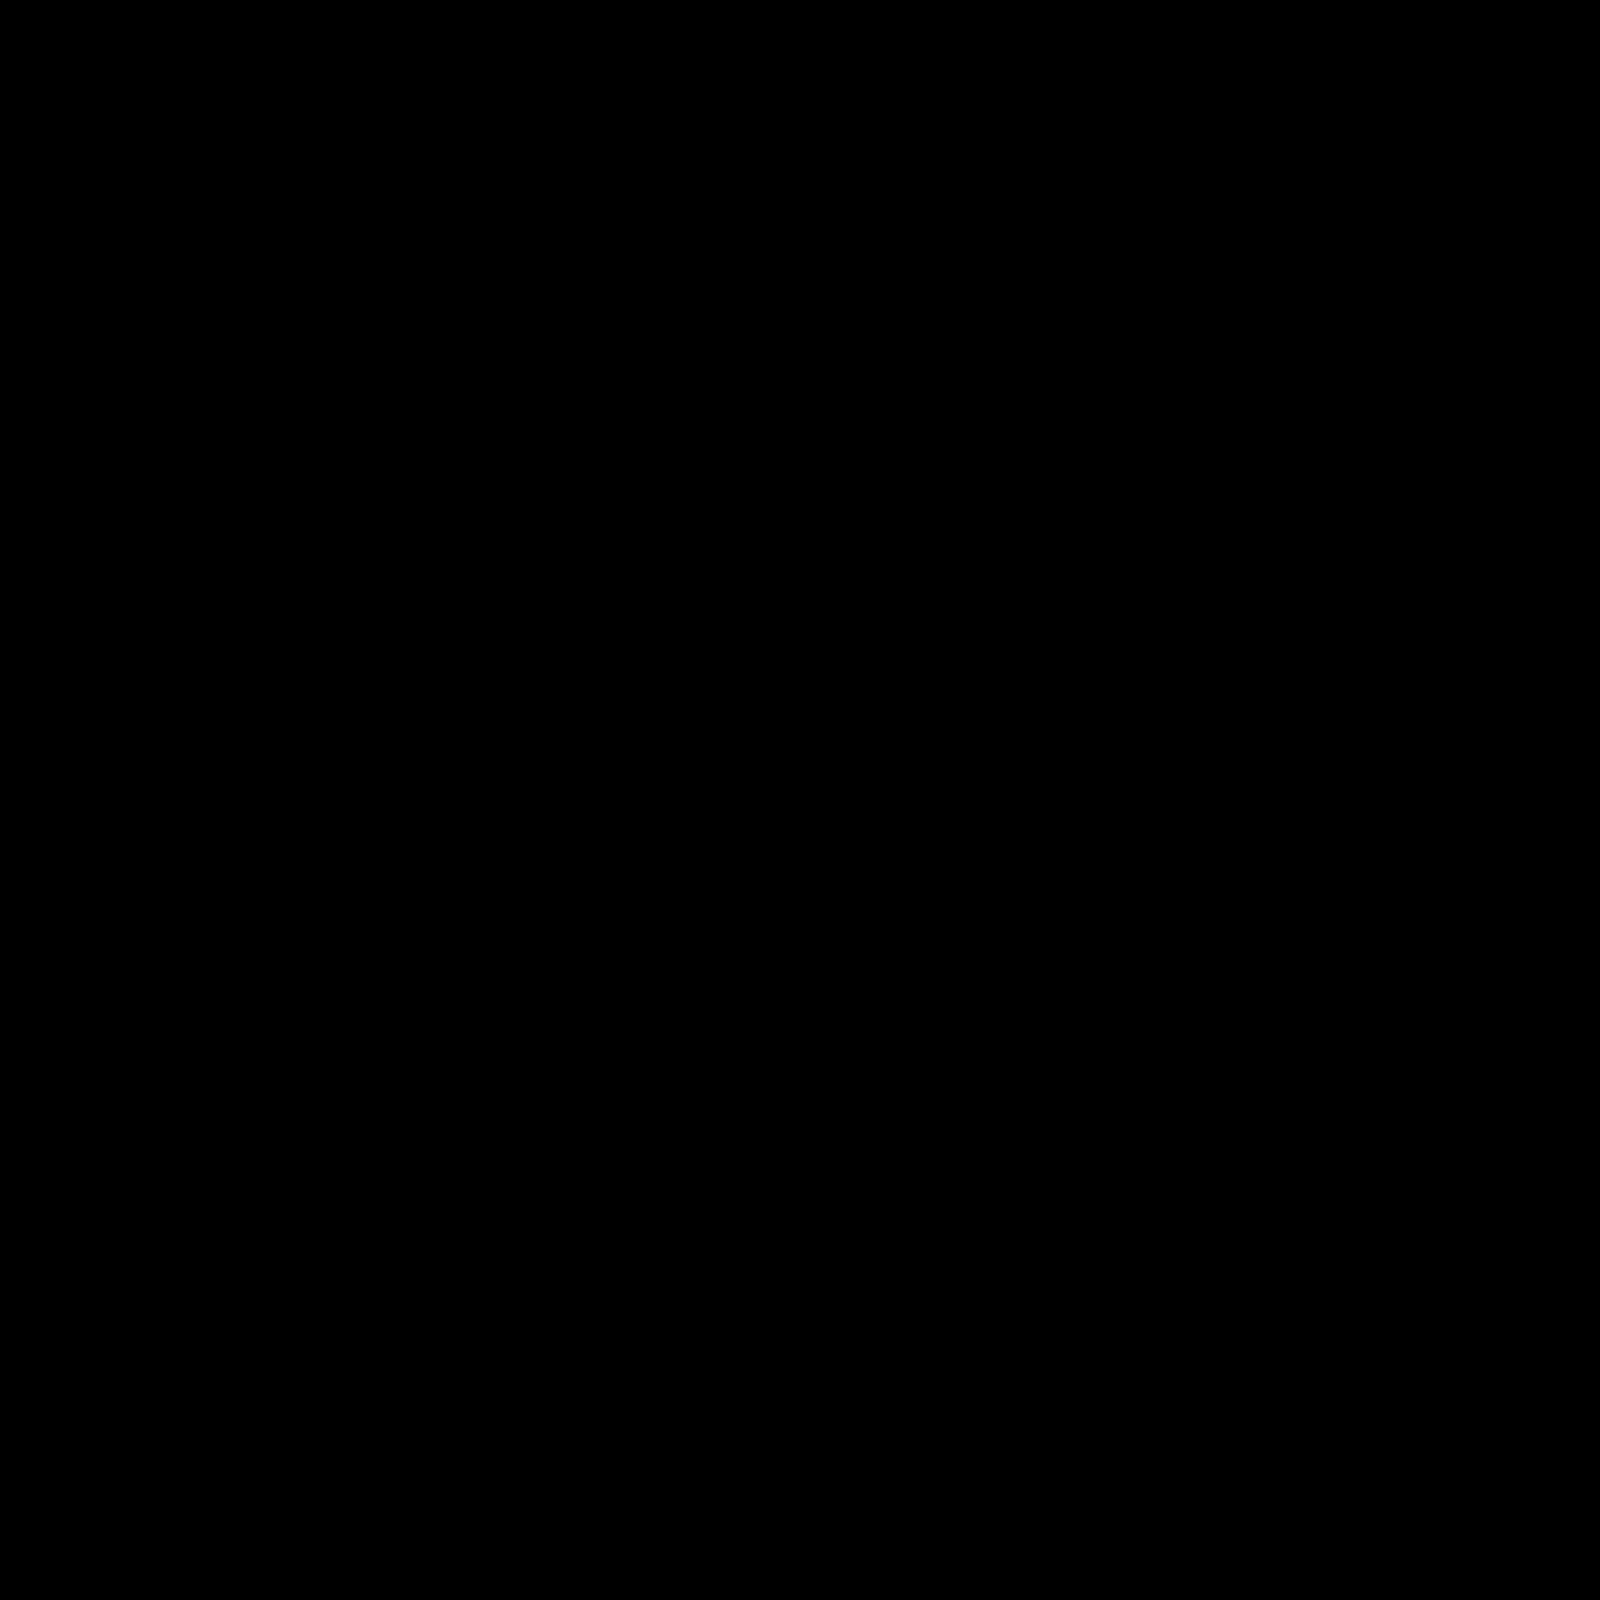 ハッピー icon. There is a circle with medium bluntness of a line. There is a curved line in the bottom showing the mouth. There are two dots above the curved line showing the eyes. Both the line and dots are centered in the circle.